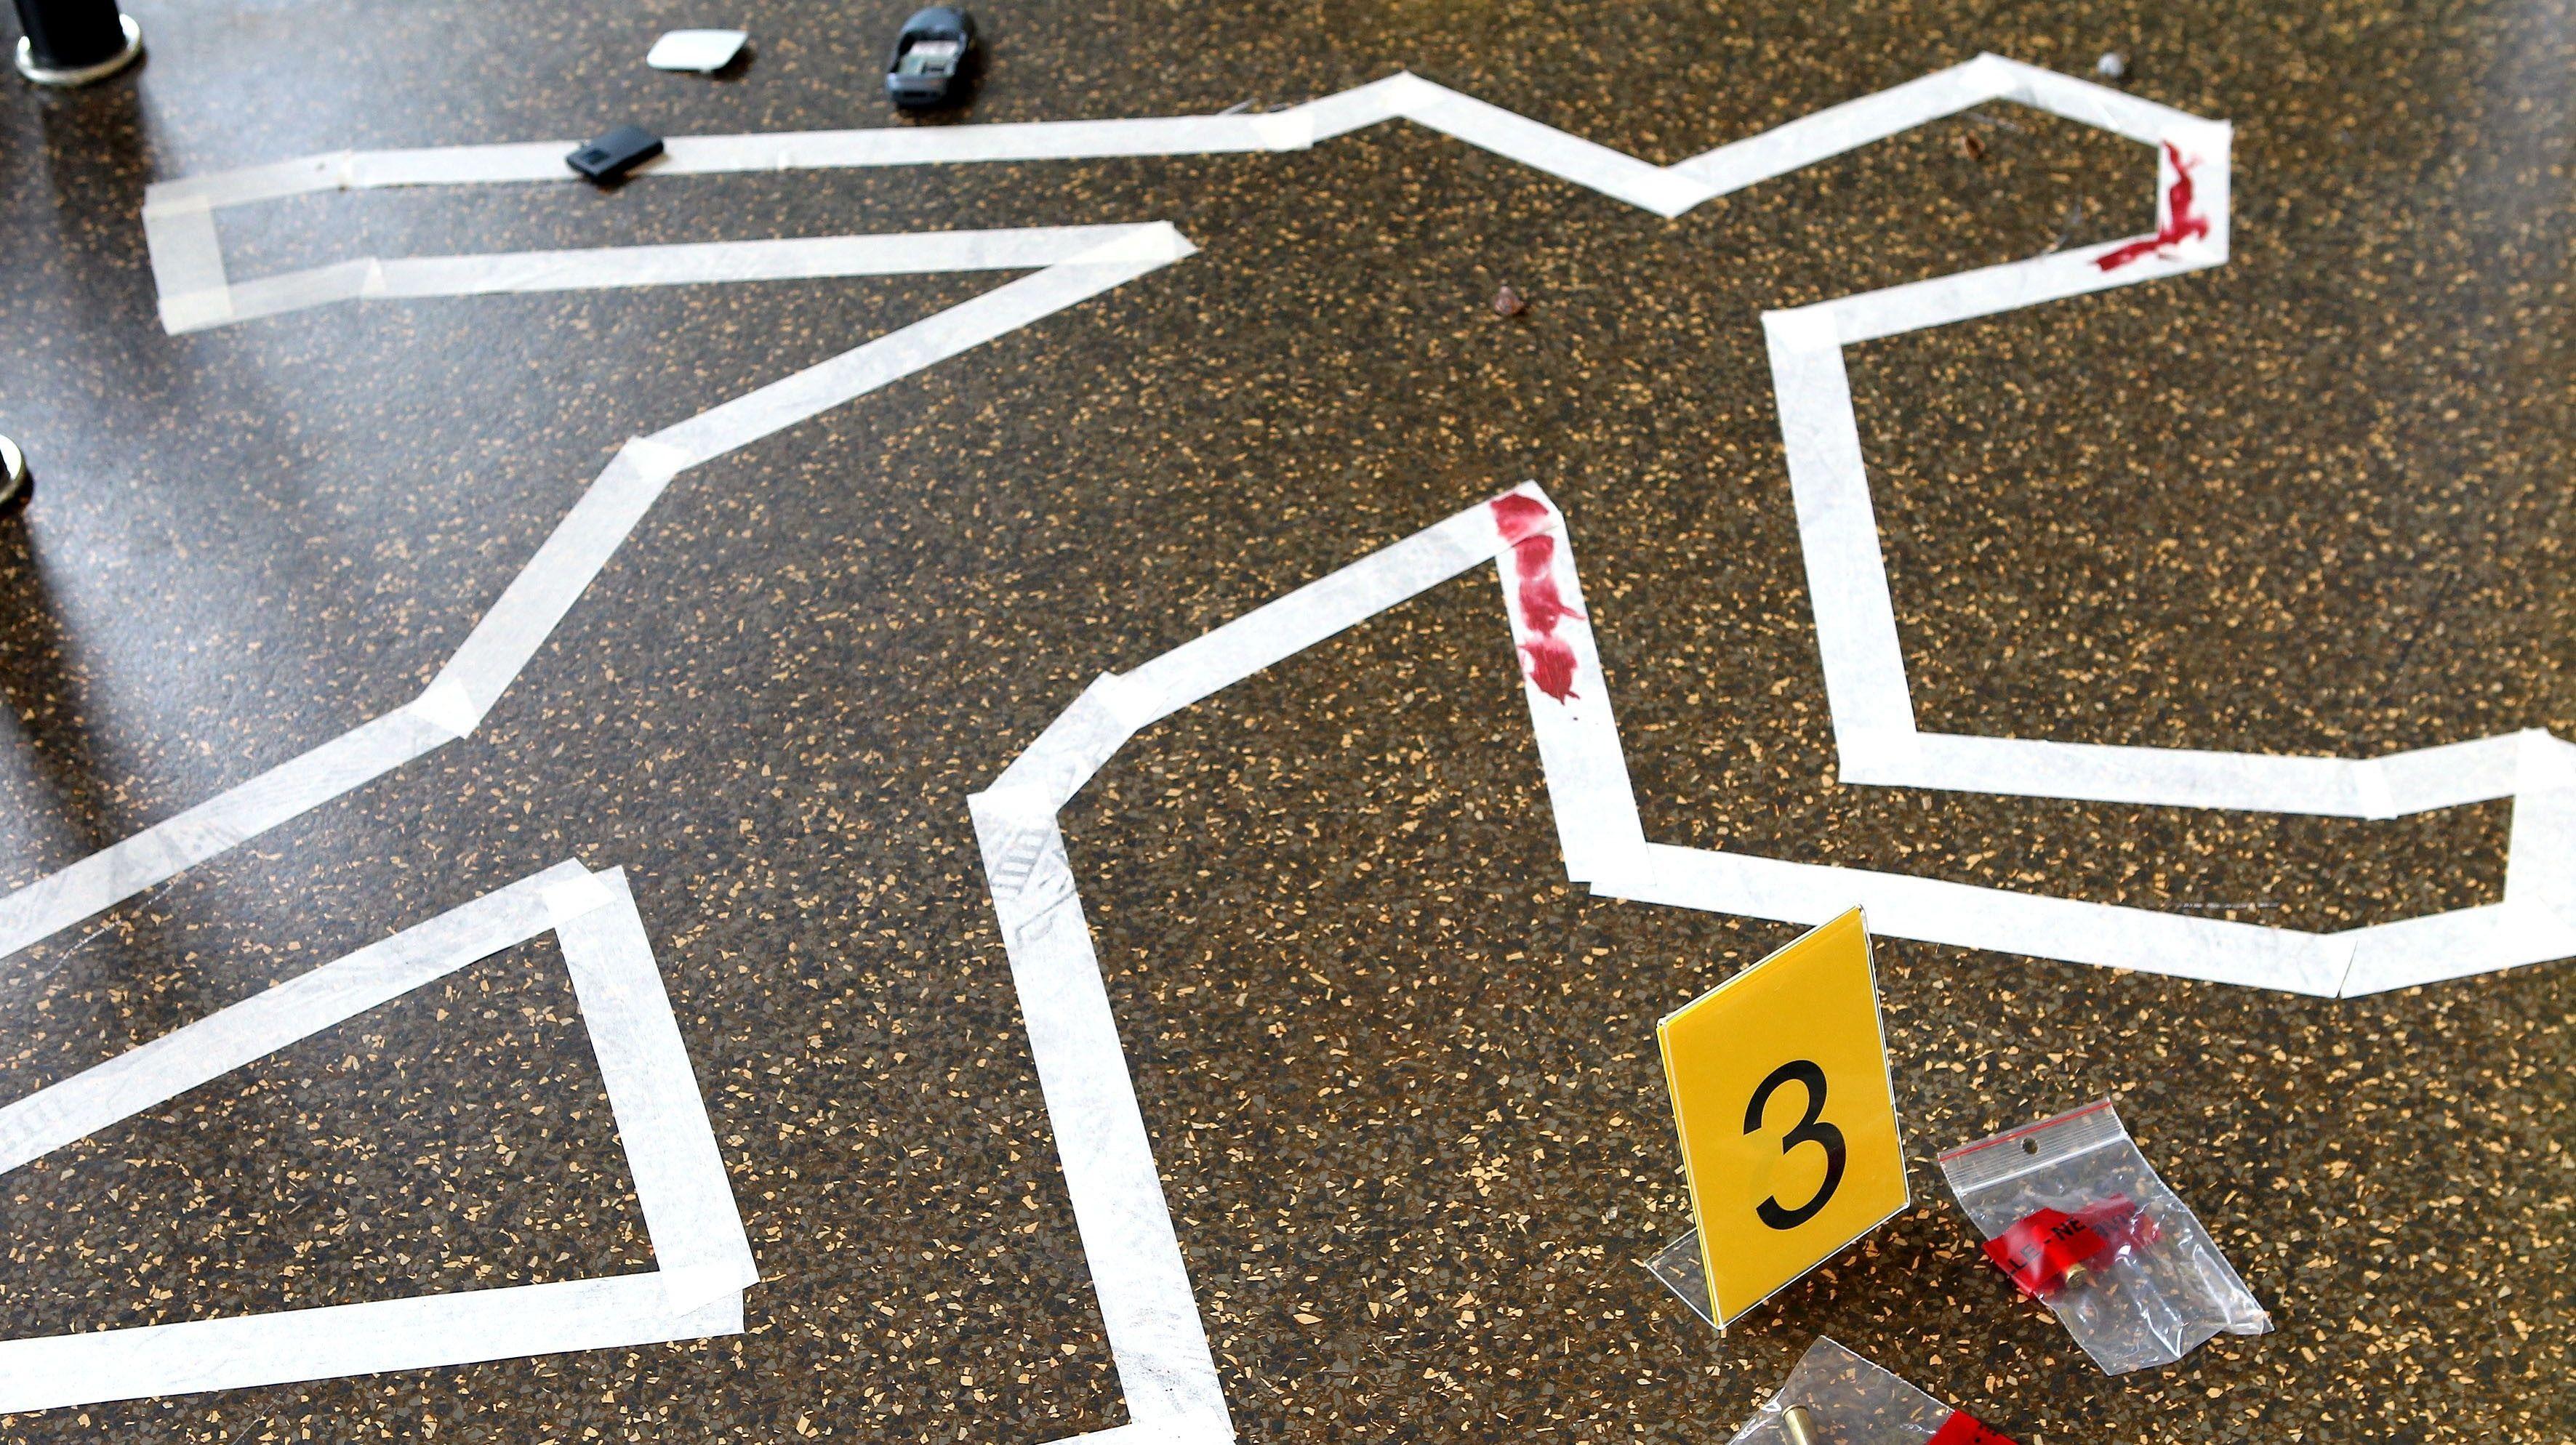 Mit weißer Kreide auf den Boden gezeichneter Umriss einer Leiche